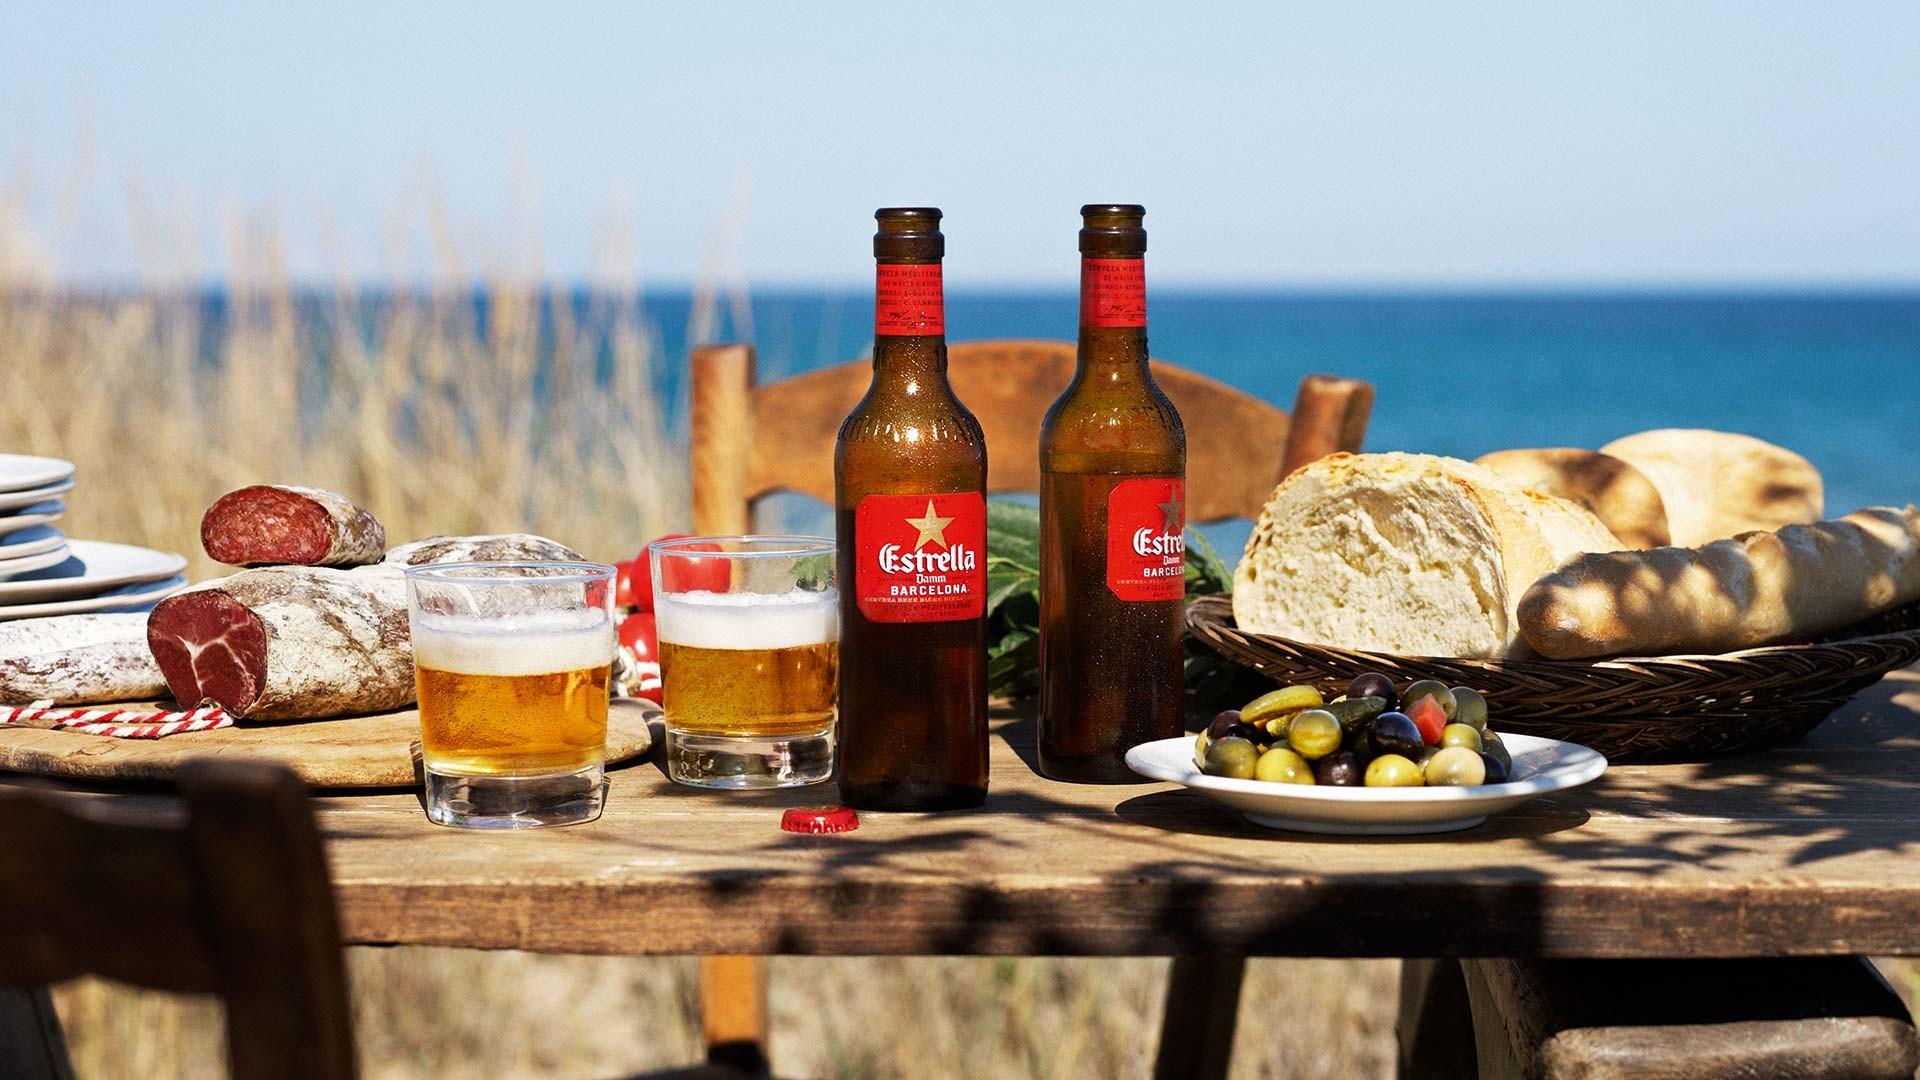 Hương vị bia tuyệt tác từ Địa Trung Hải, người Việt đã sẵn sàng để thưởng thức? 2